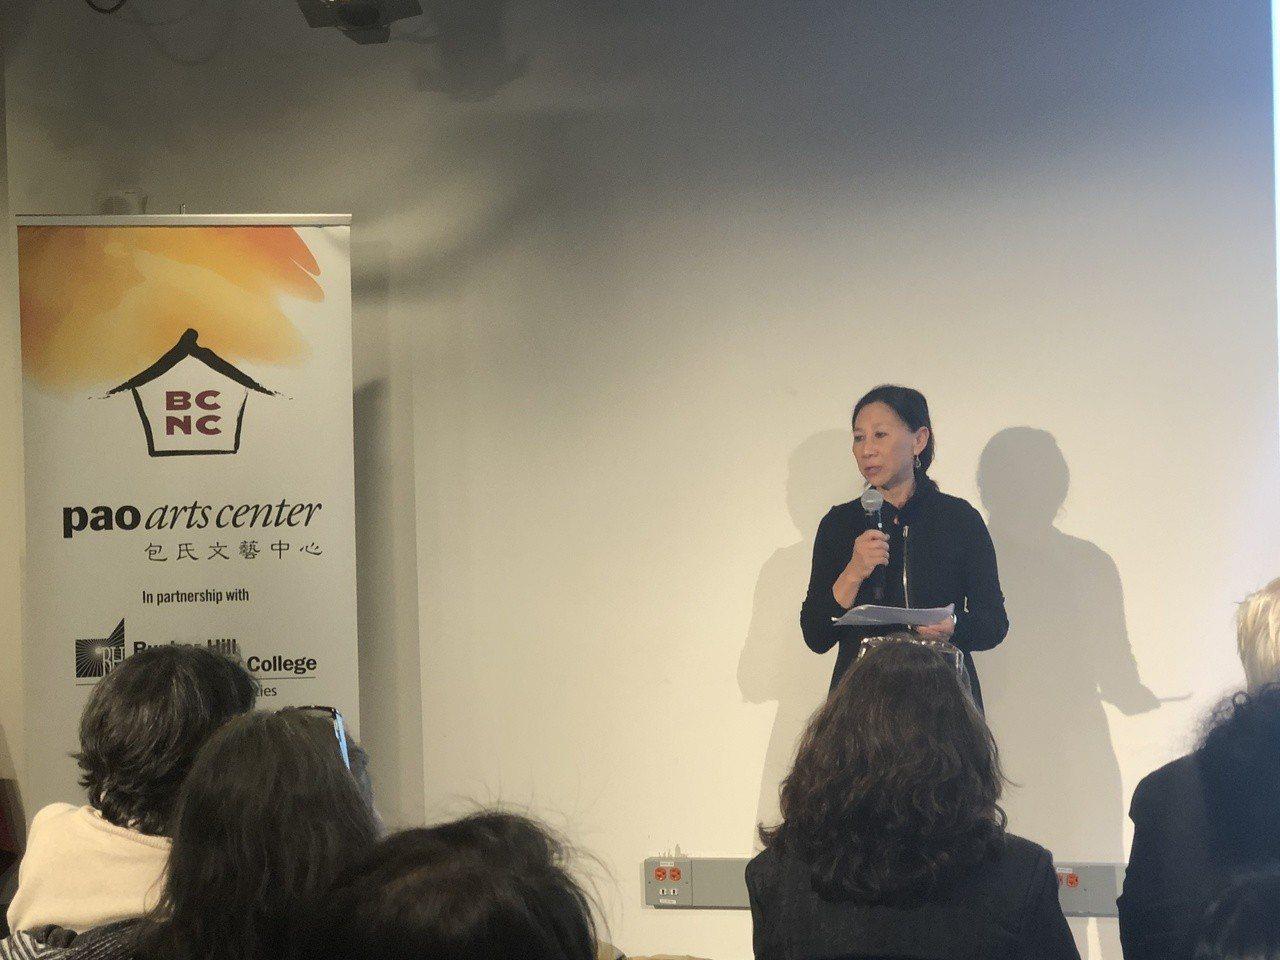 亞裔女藝術家經歷分享會 記者劉晨懿之攝影